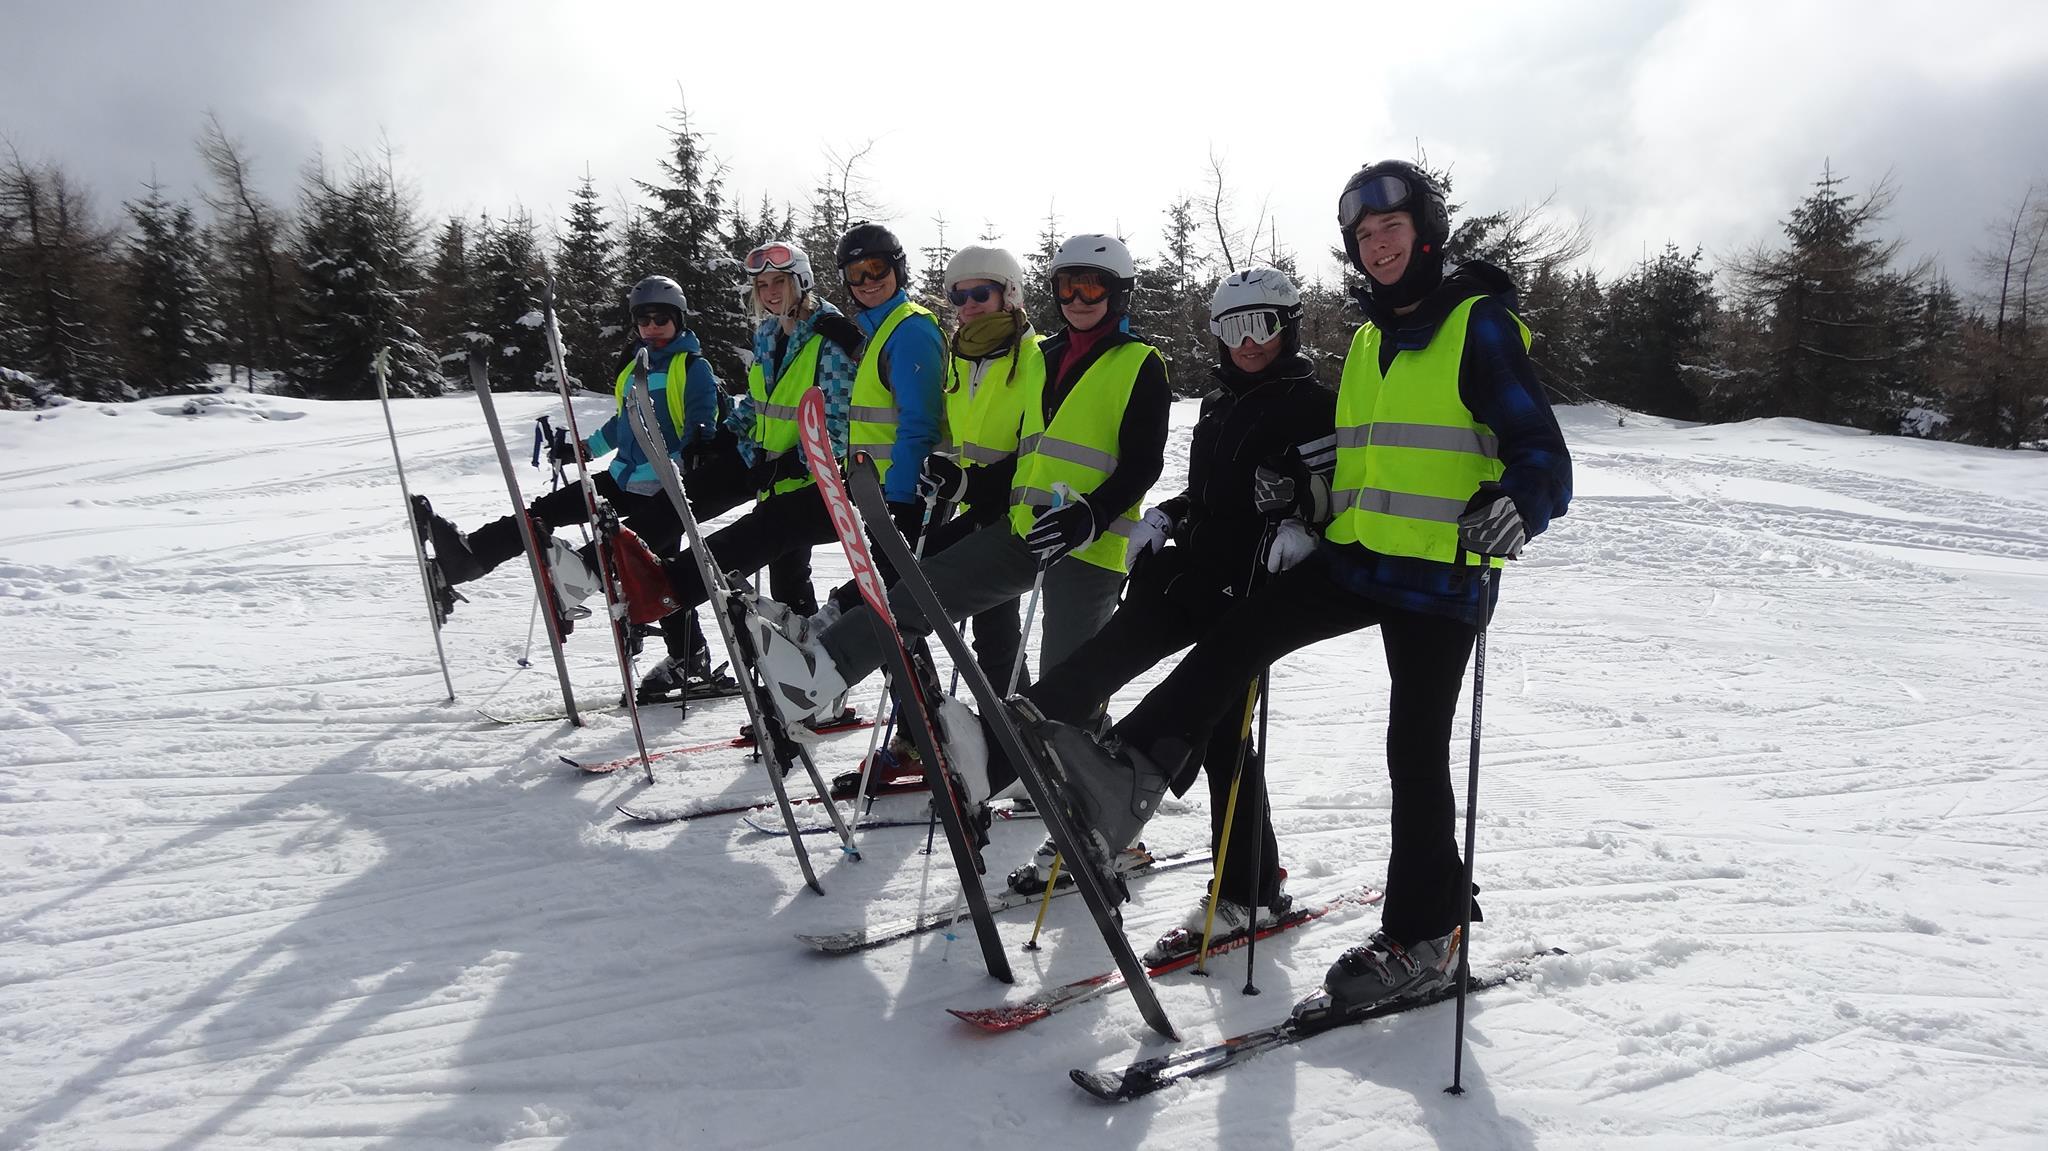 Wyjazd na narty, 8 marca 2017 r.